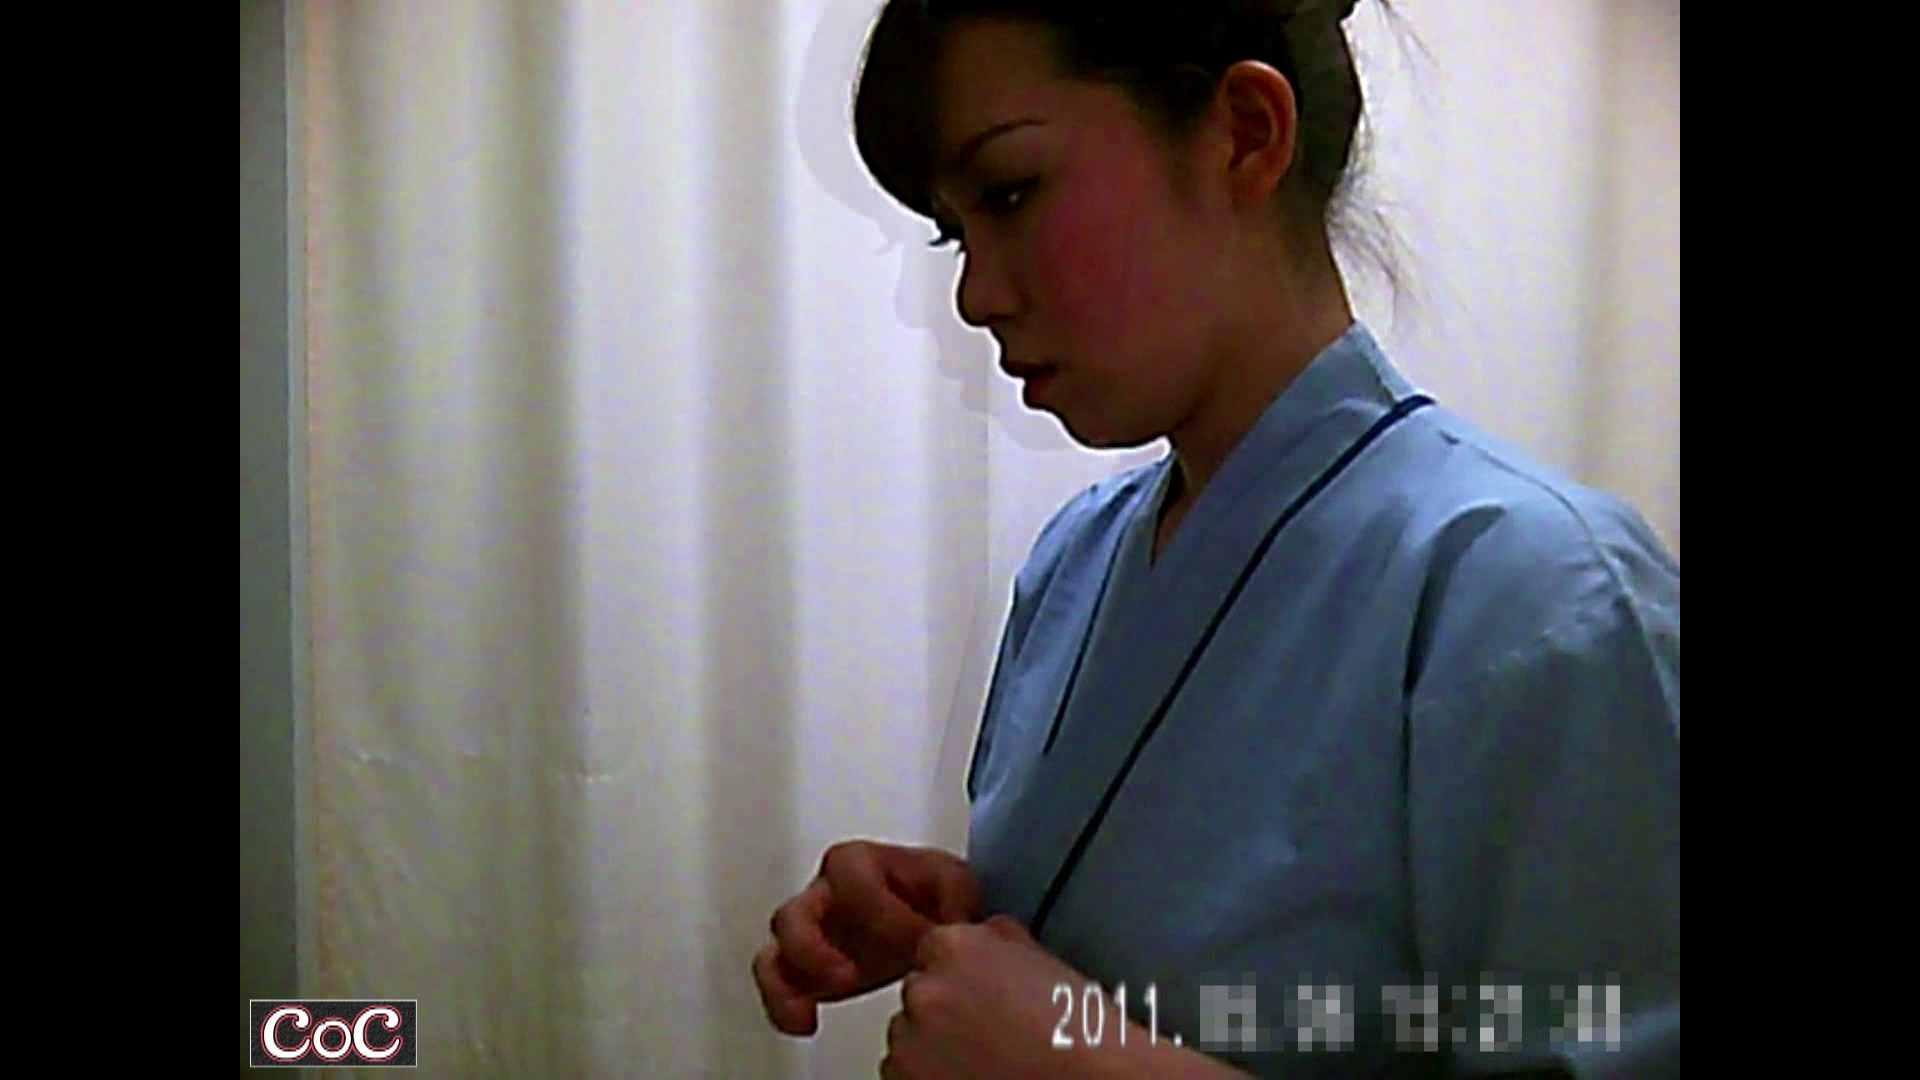 元医者による反抗 更衣室地獄絵巻 vol.173 OLハメ撮り  77Pix 47